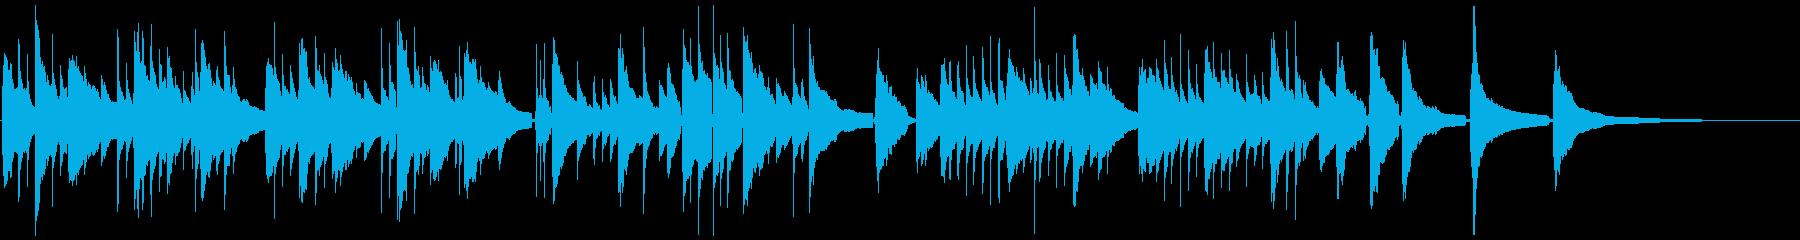 ナイロンギターのあたたかい劇伴の再生済みの波形